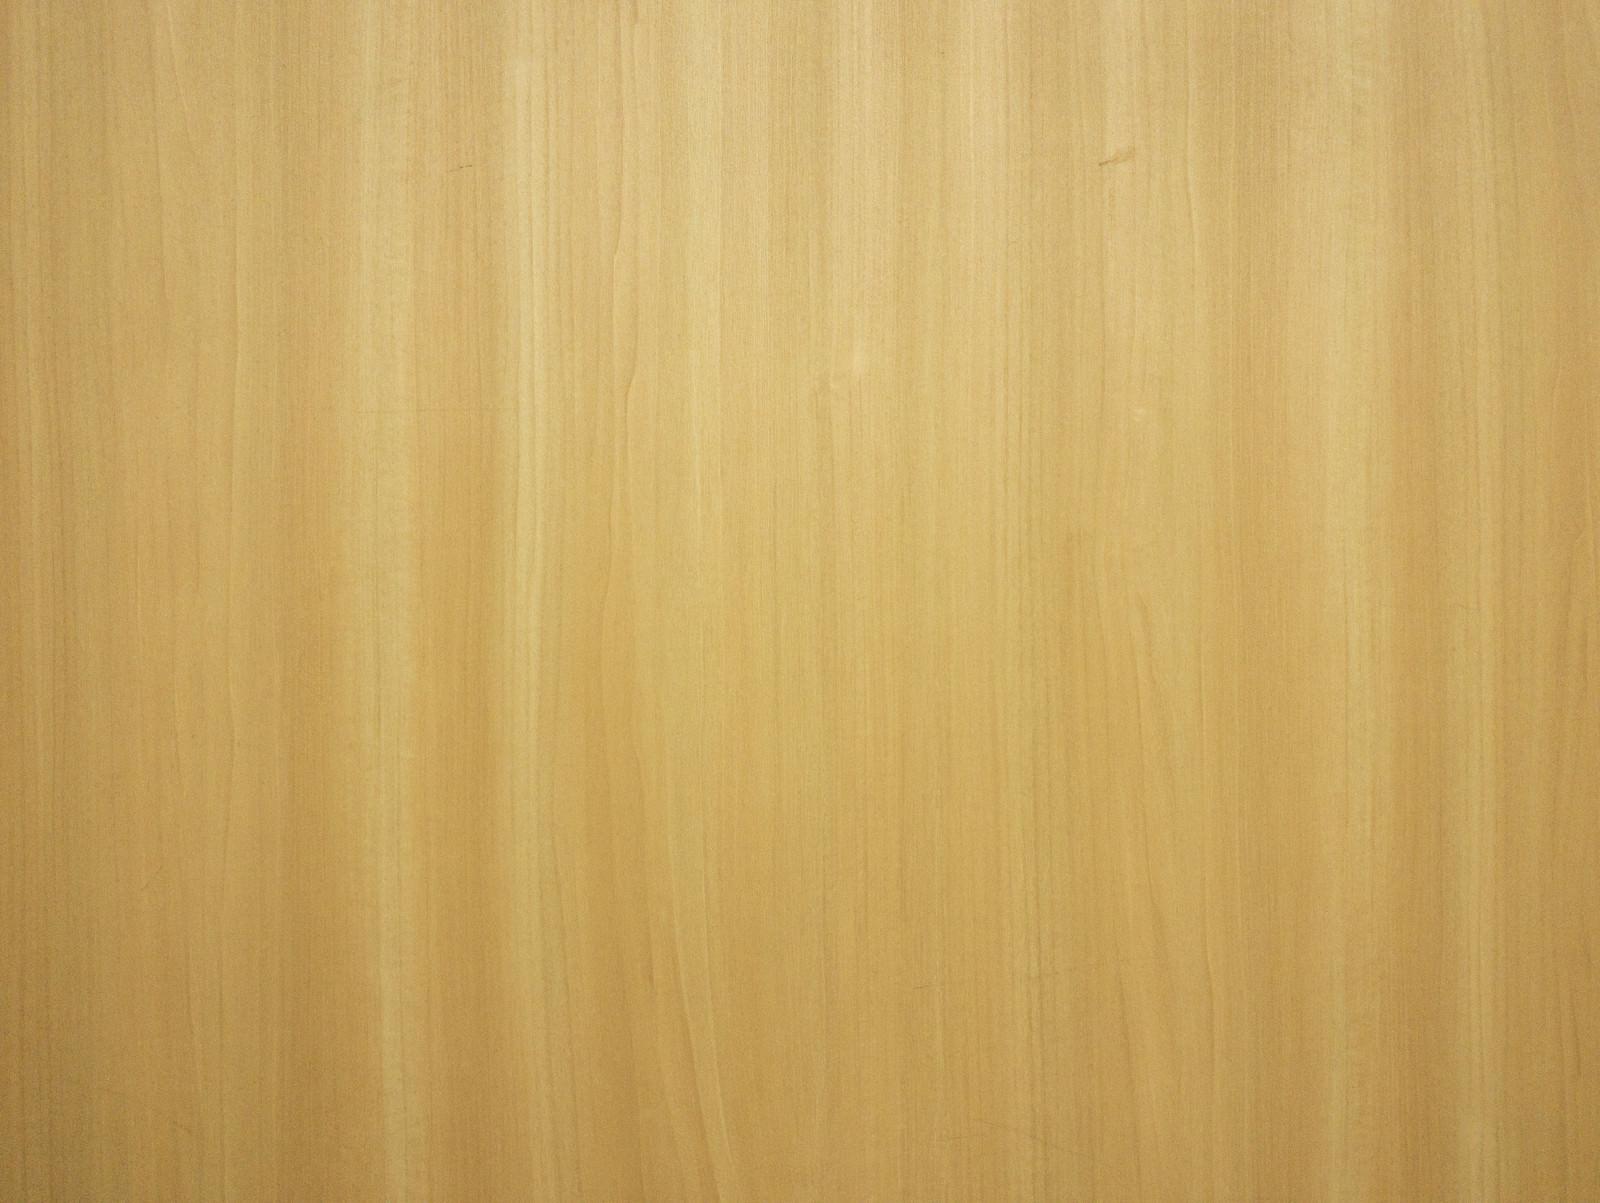 「つるつるした一枚板の木目(テクスチャ)」の写真